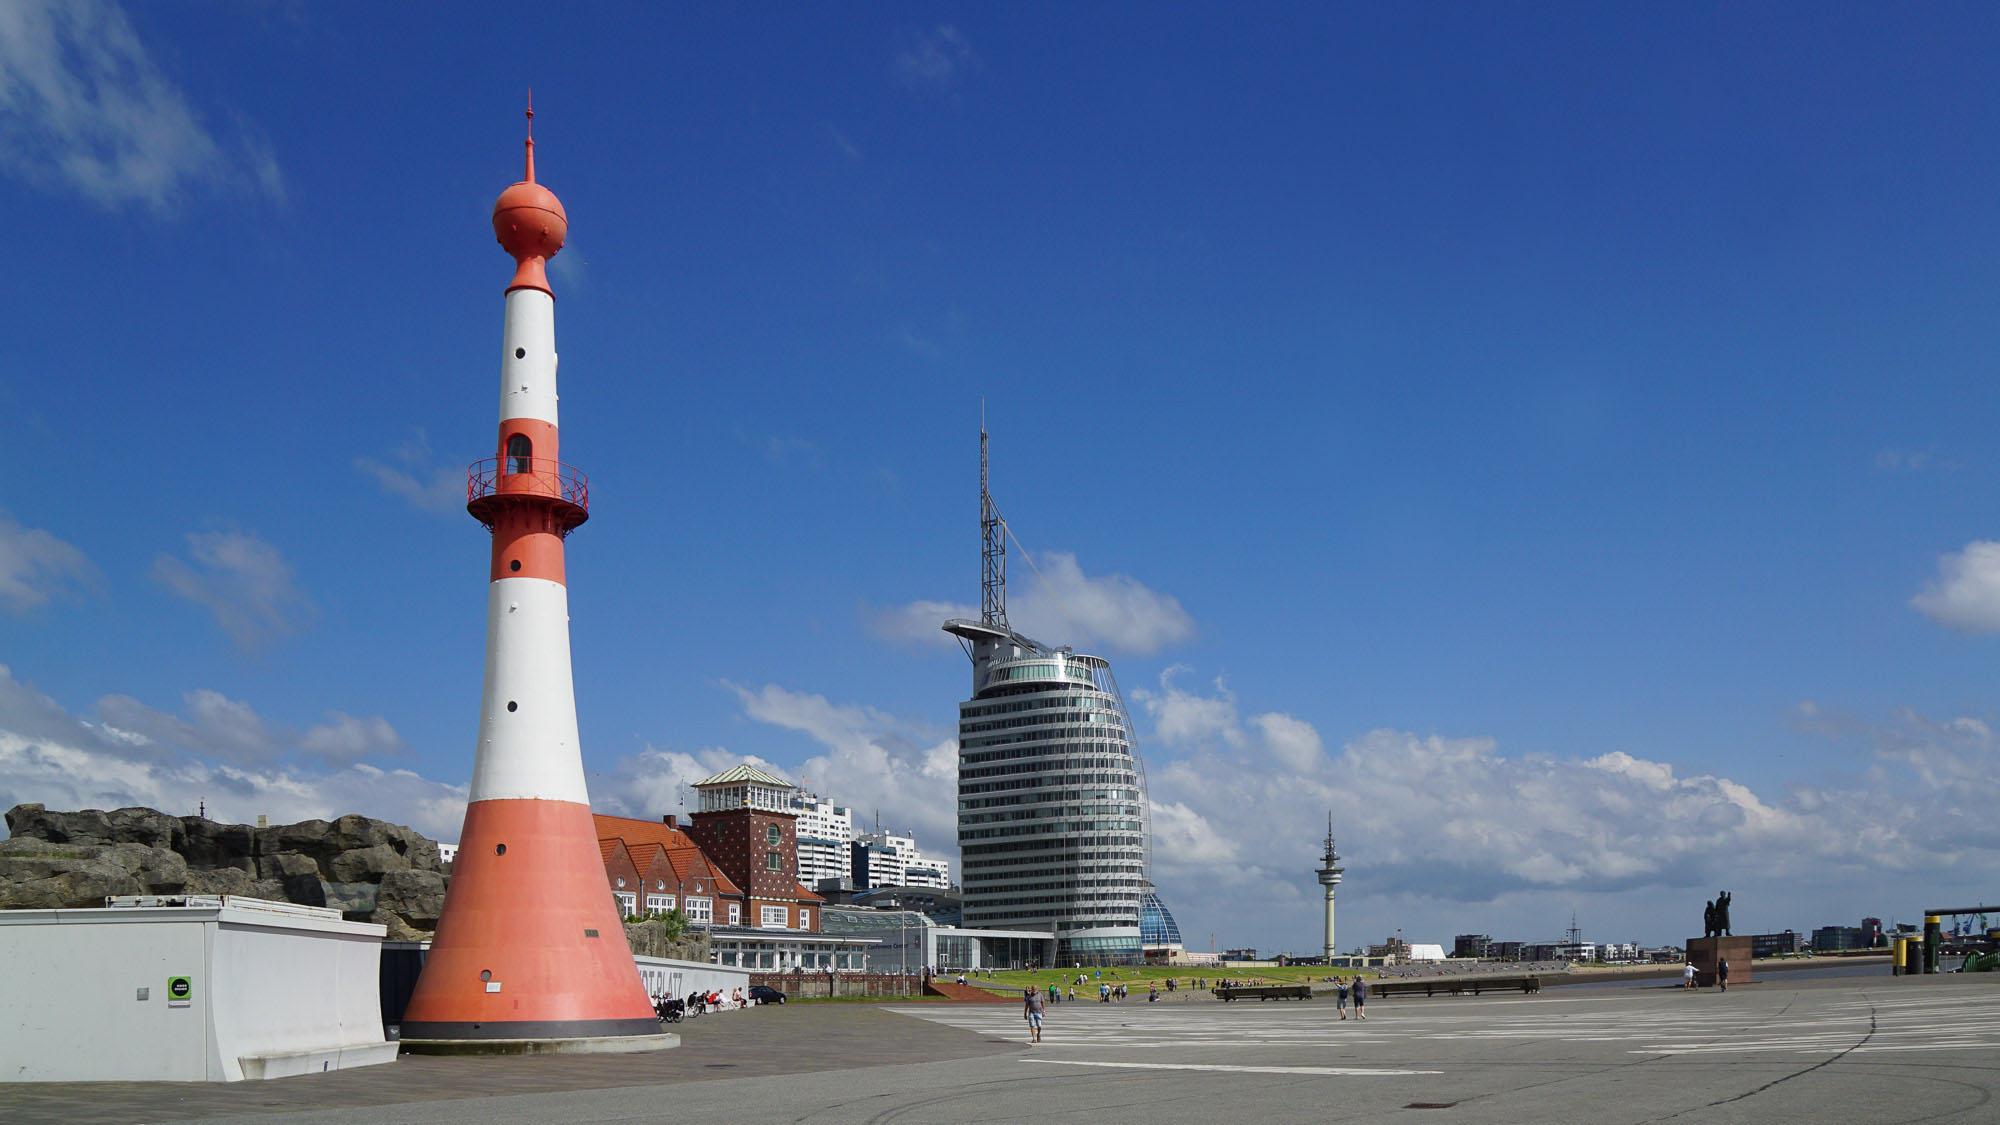 schlanker rot-weißer Leuchtturm im Vordergrund, modernes Gebäude im Hintergrund